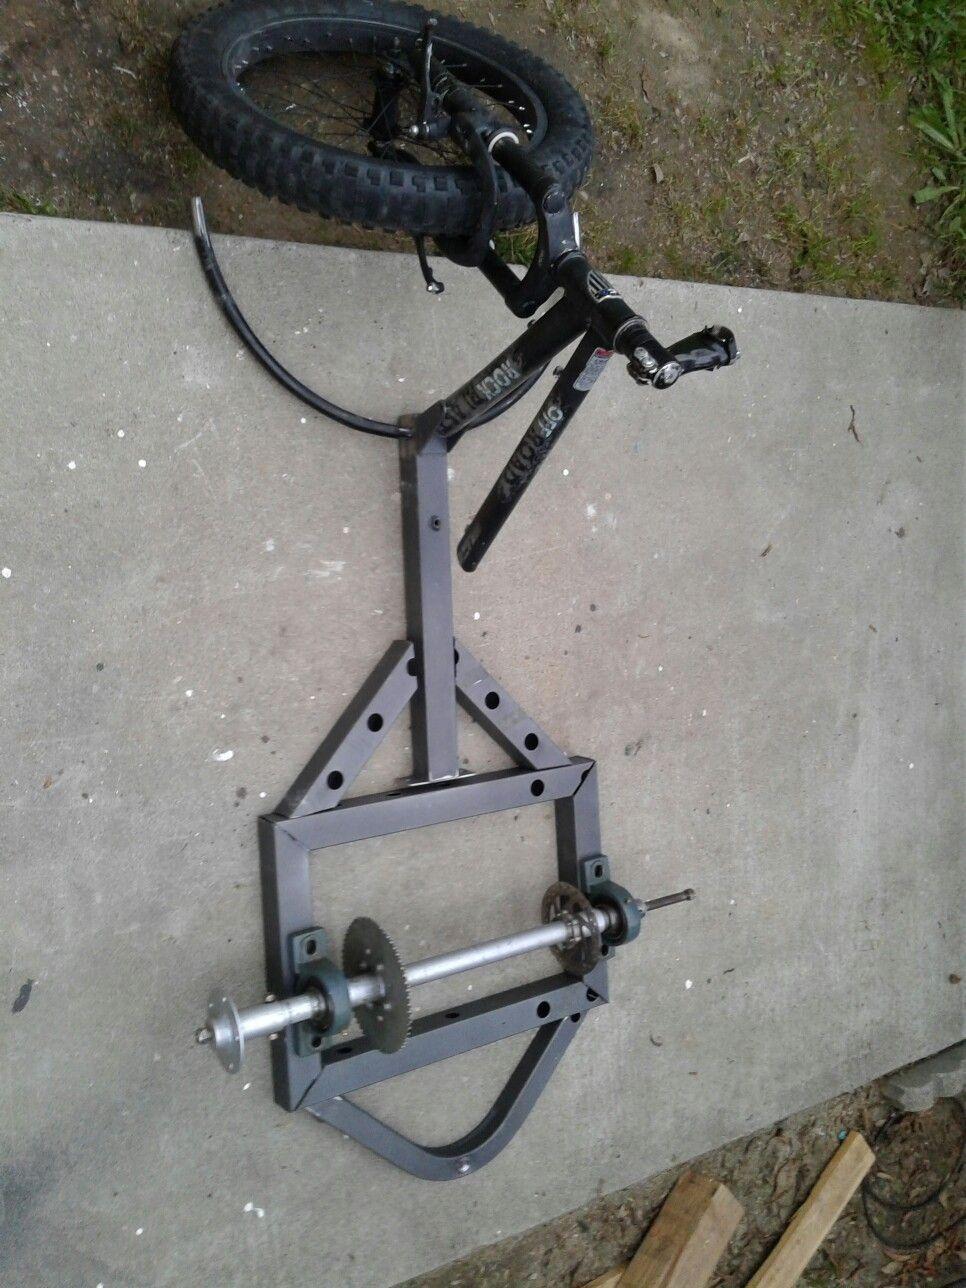 Drift trike frame DIY | One day | Drift trike frame, Drift